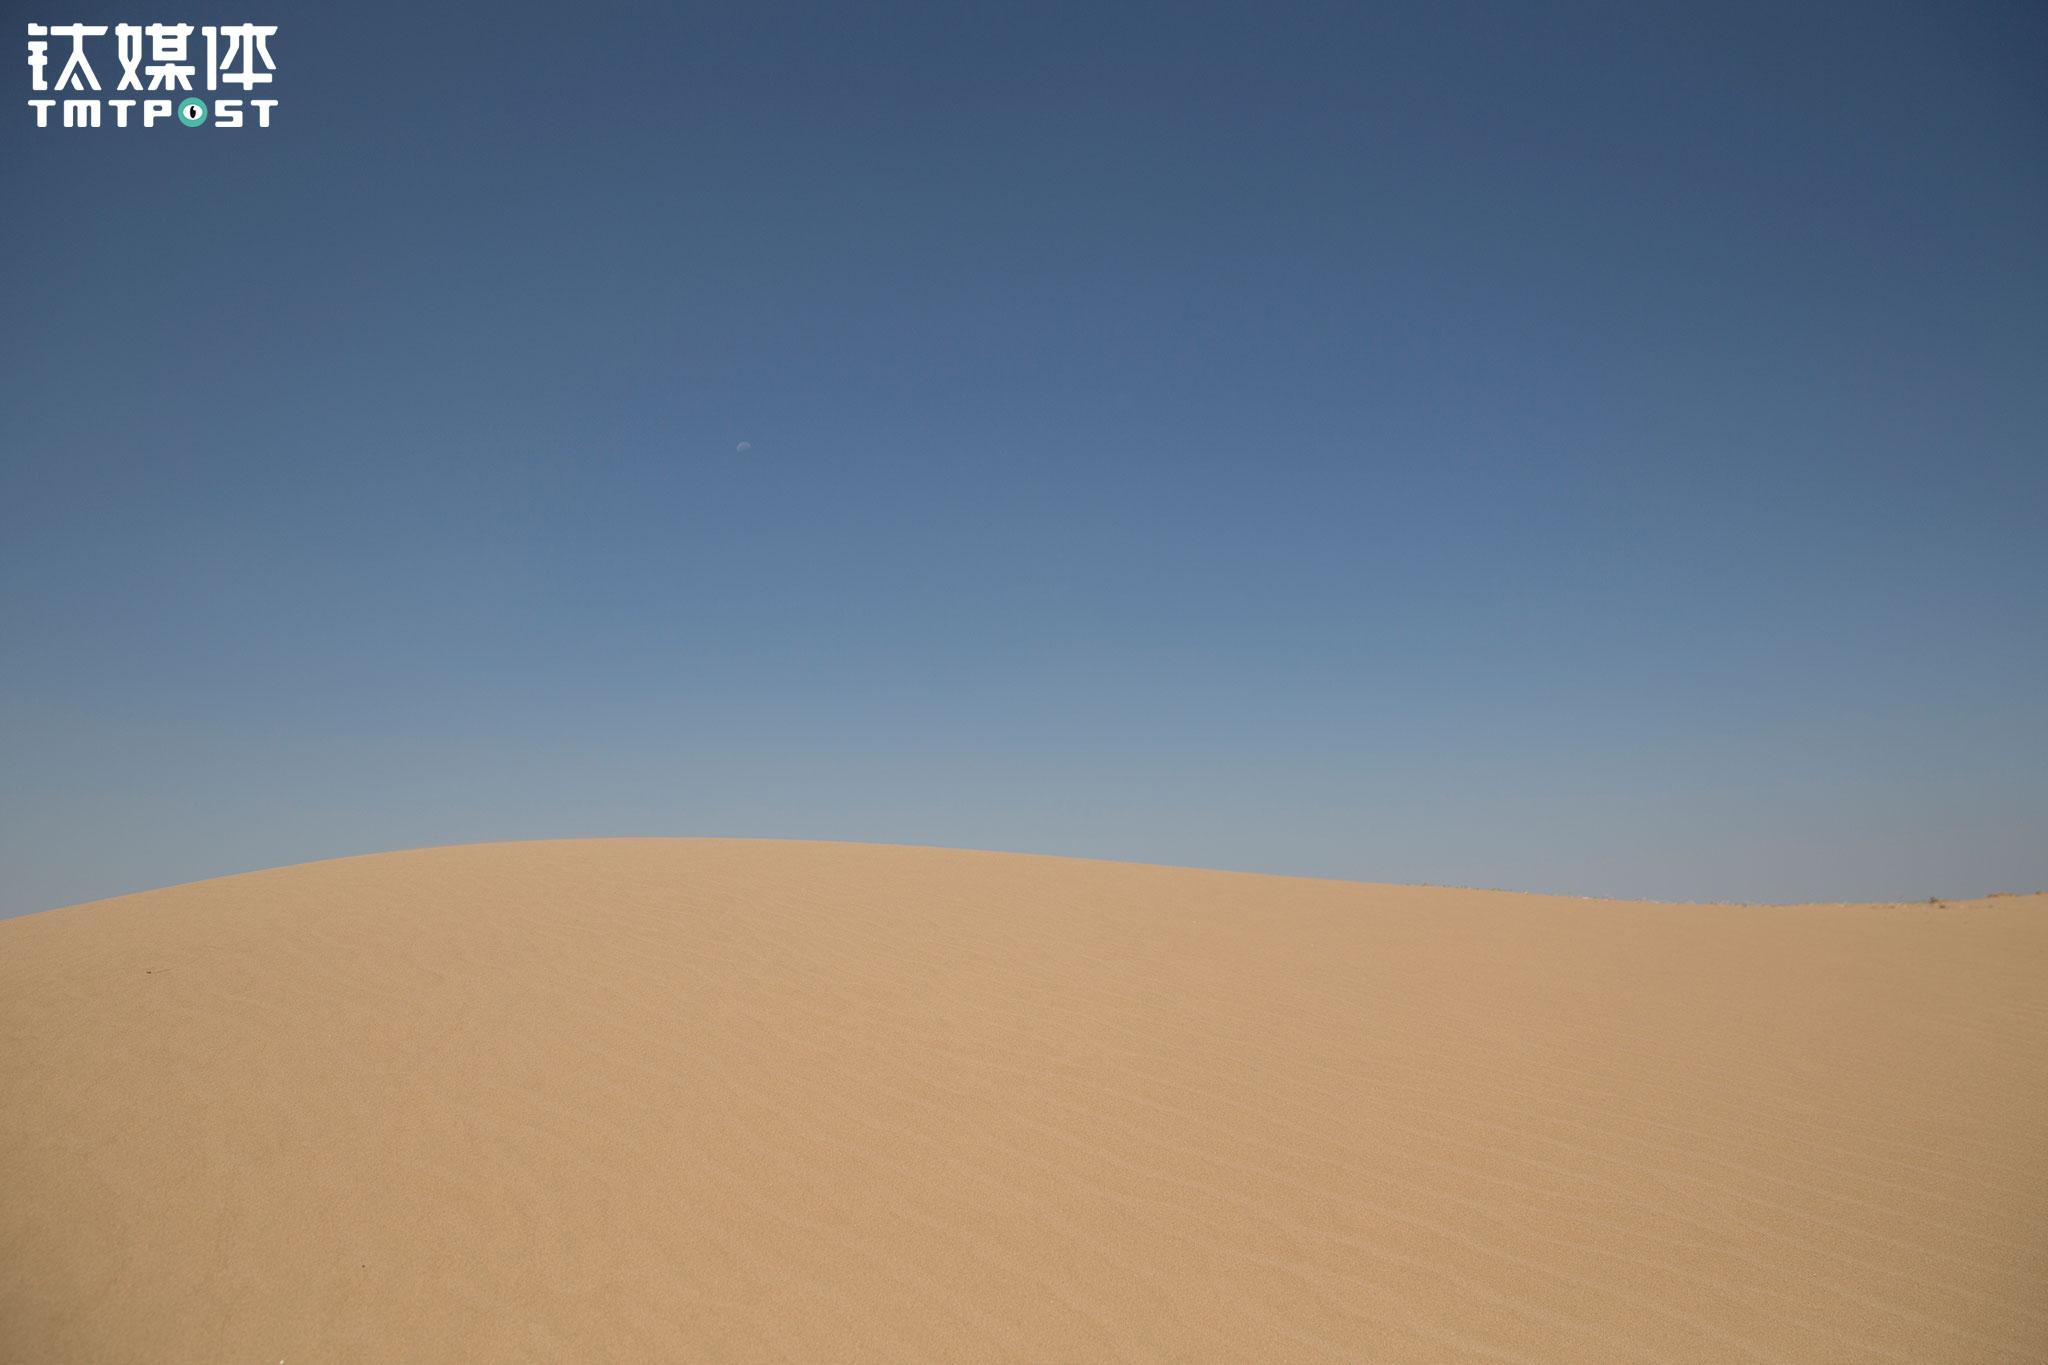 与此同时,沙漠每年都在移动,春天沙尘暴尤其严重,最严重的时候可以把地里刚种下的瓜苗打死,这样推迟了农民的种植时间,也带来了一定的经济损失。